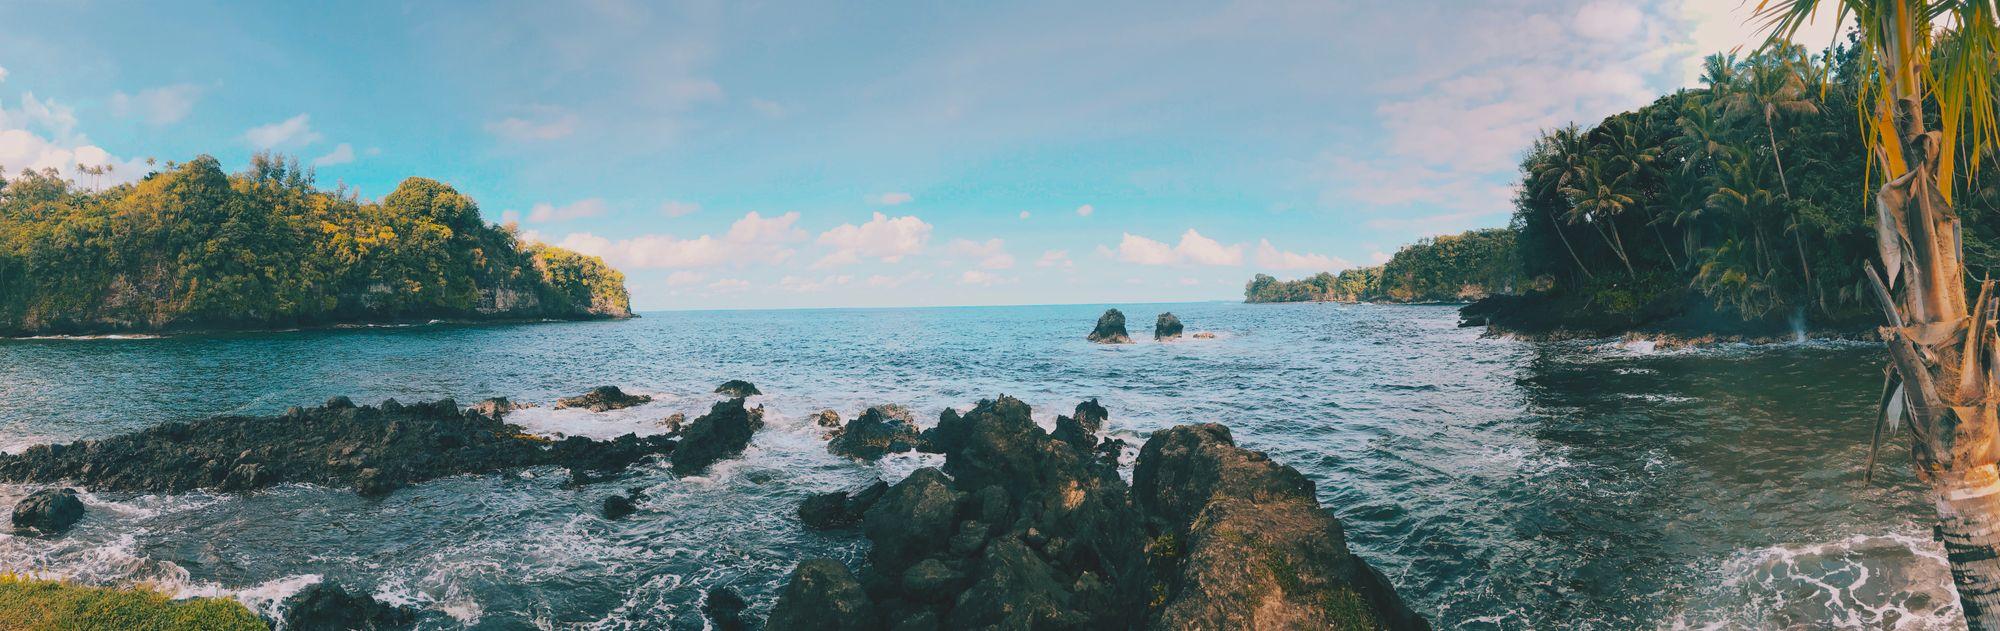 wide shot pixelwaves hawaii maui ocean trees beach